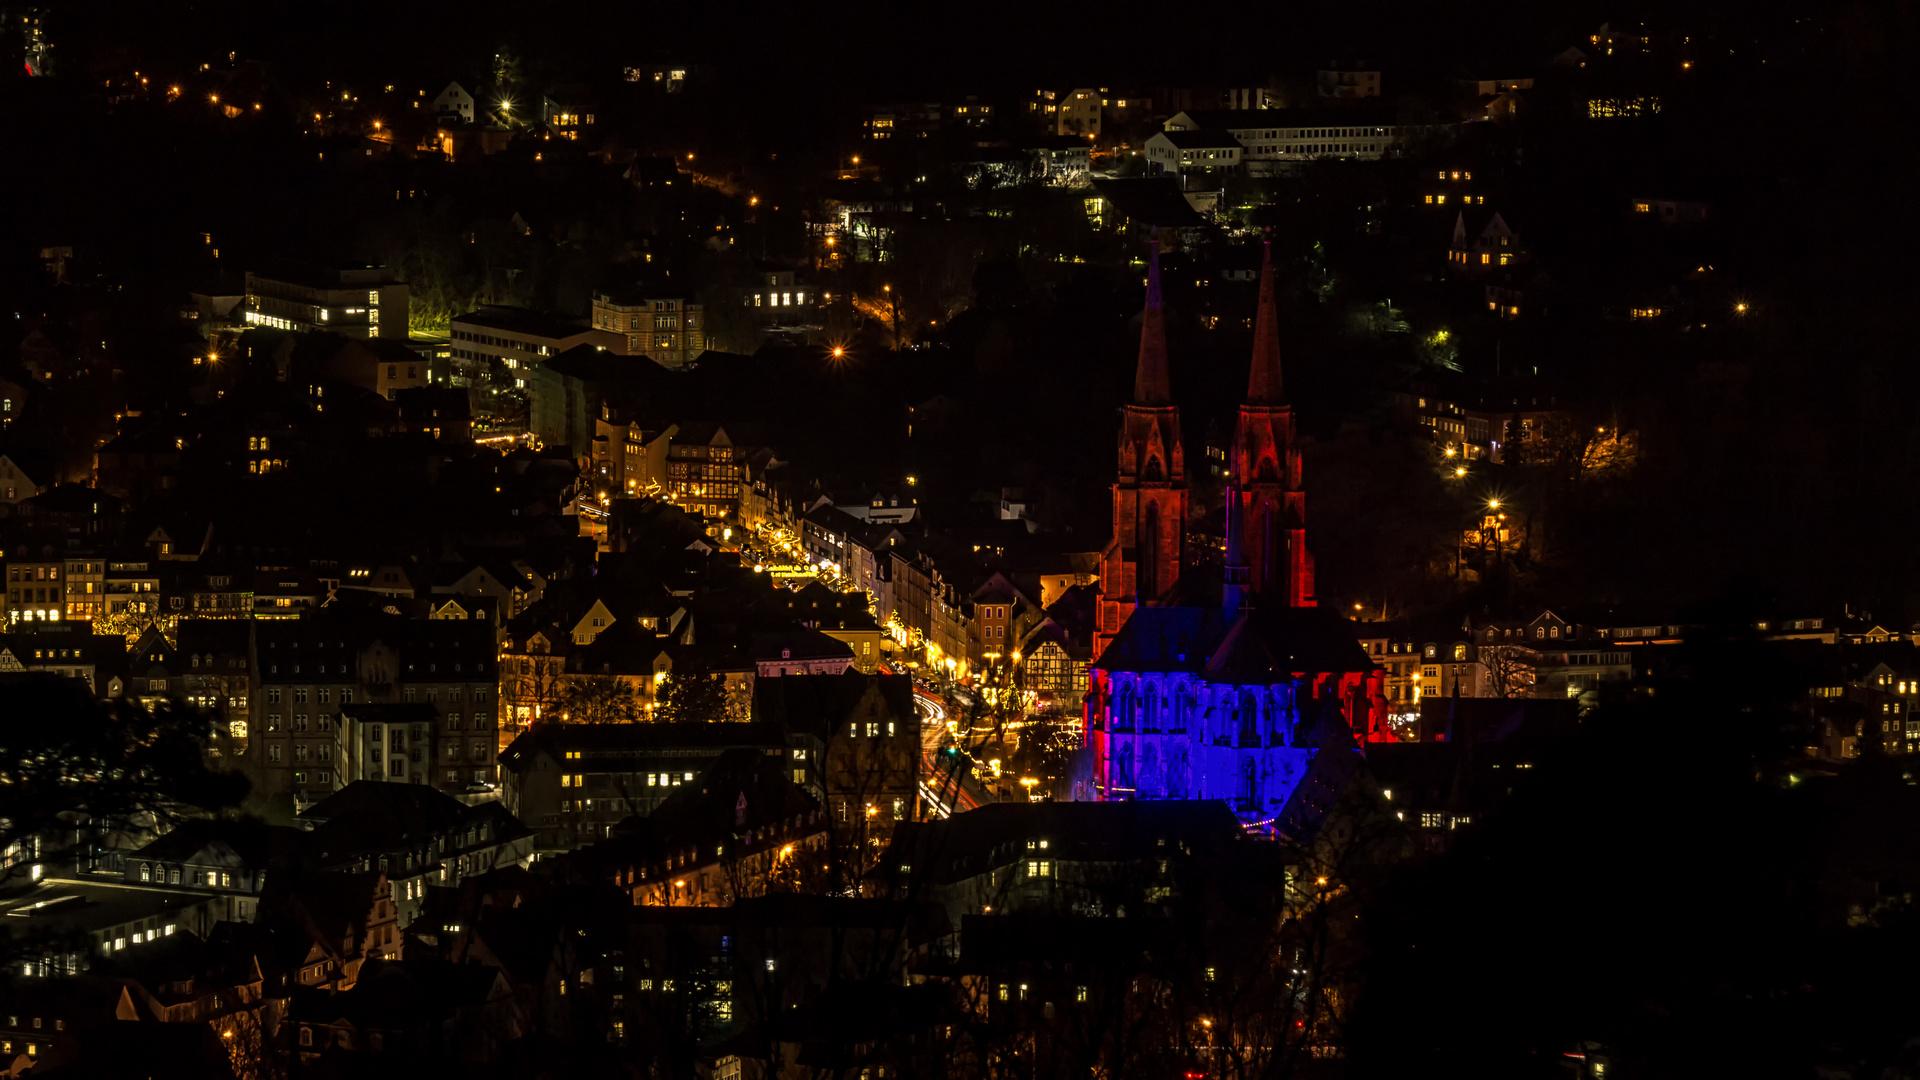 Blick vom Spiegelslustturm auf die Elisabethkirche